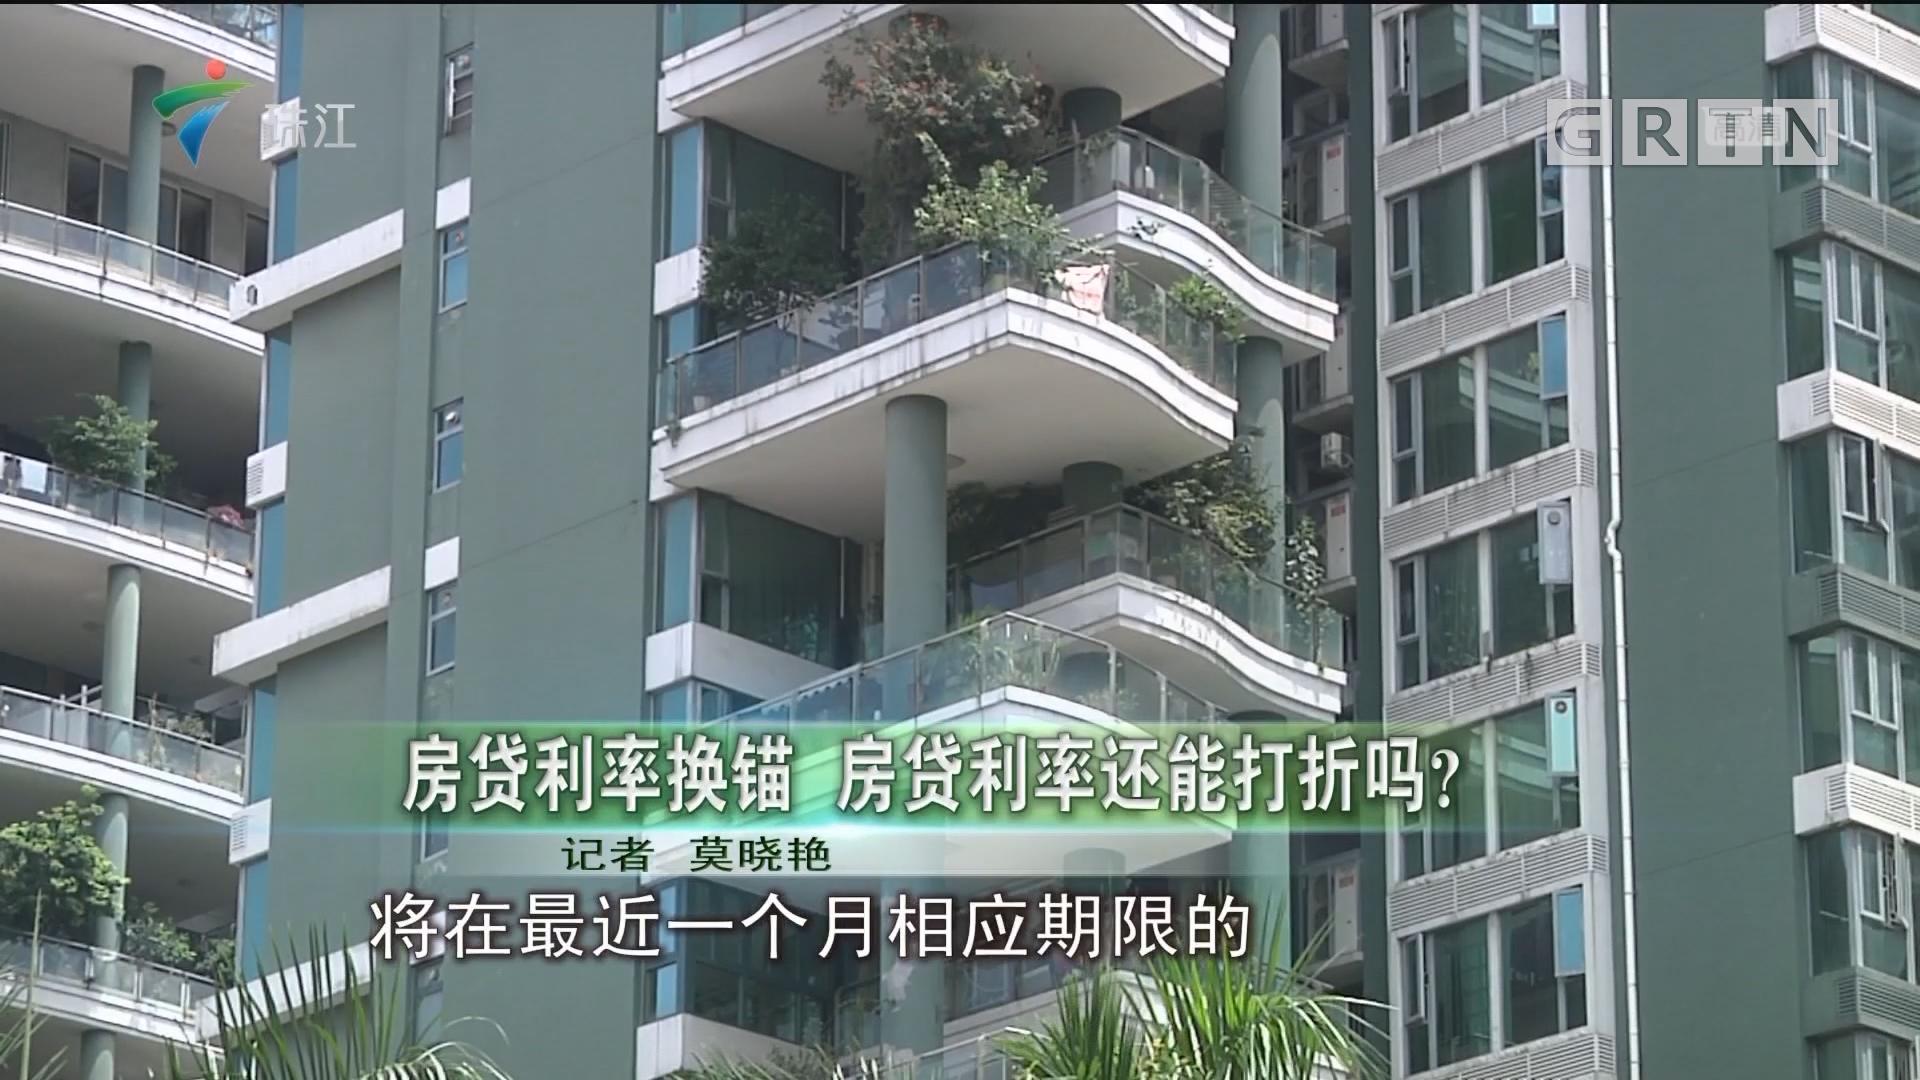 房贷利率换锚 房贷利率还能打折吗?